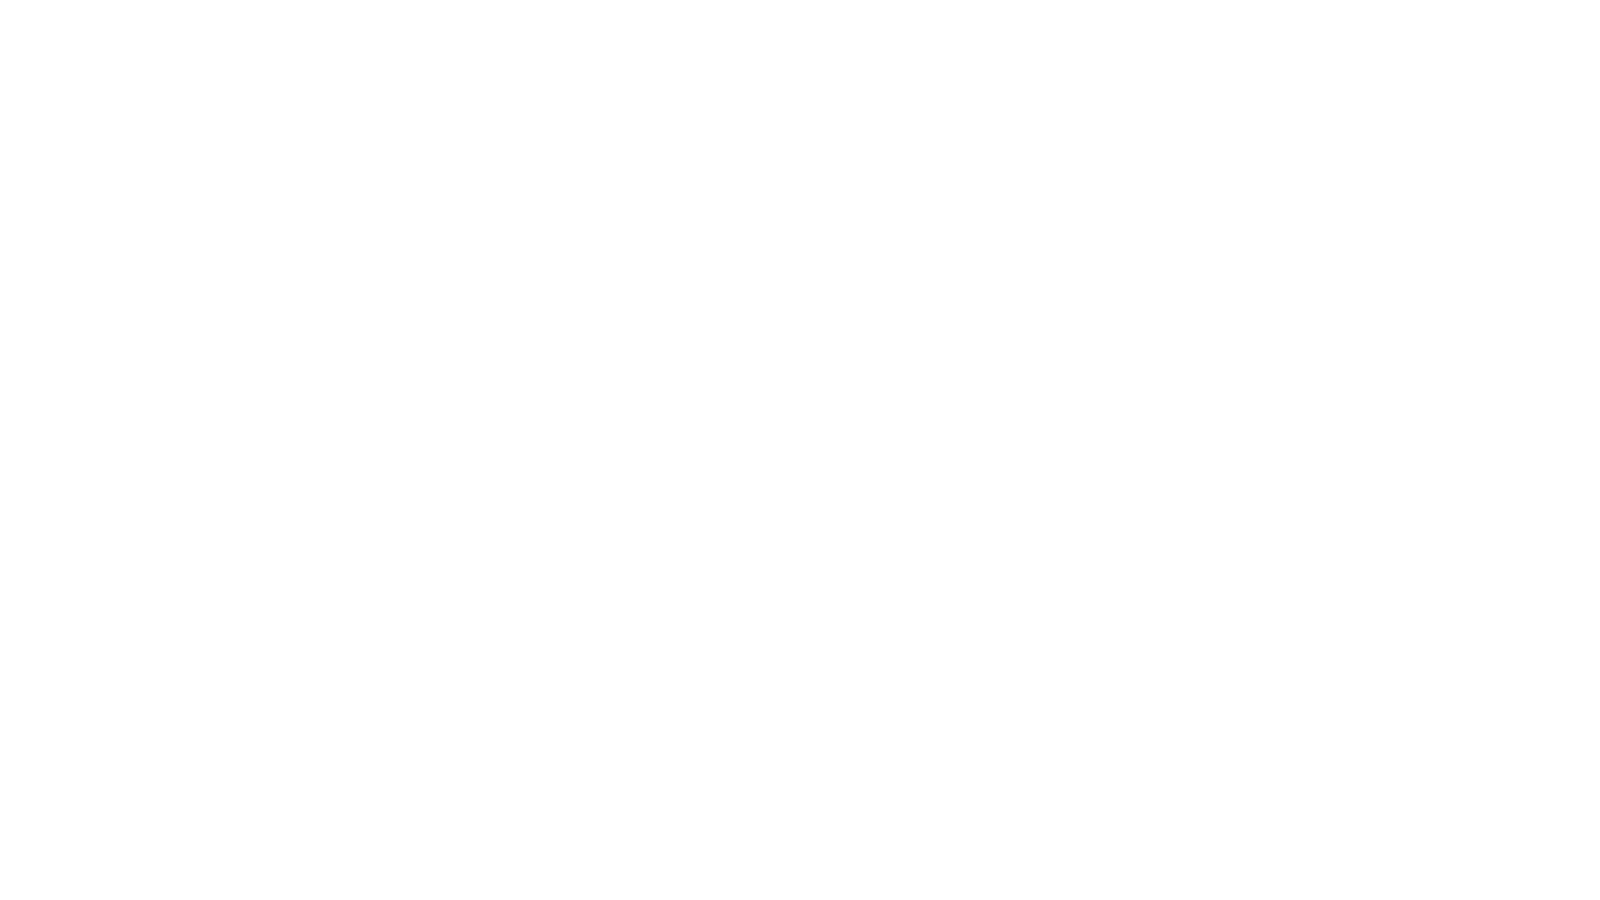 DECOLE and ANTICCA 2020collection 秋カタログより、コンコンブル月見シリーズのご紹介です。  今回の月見は「竹の湯温泉 月夜のおもてなし」をテーマにしております。 旅の疲れをまったり癒してくれるconcombre竹の湯温泉に 訪れた猫さんたちや、里山の秋の味覚まで・・・新しく登場です!  2020年の十五夜は10月1日です☆  ◆デコレ公式HP     http://www.decole.biz ◇デコレ公式instagram https://www.instagram.com/decole_official/?hl=ja ◆デコレLINEスタンプ https://store.line.me/stickershop/author/133607/ja